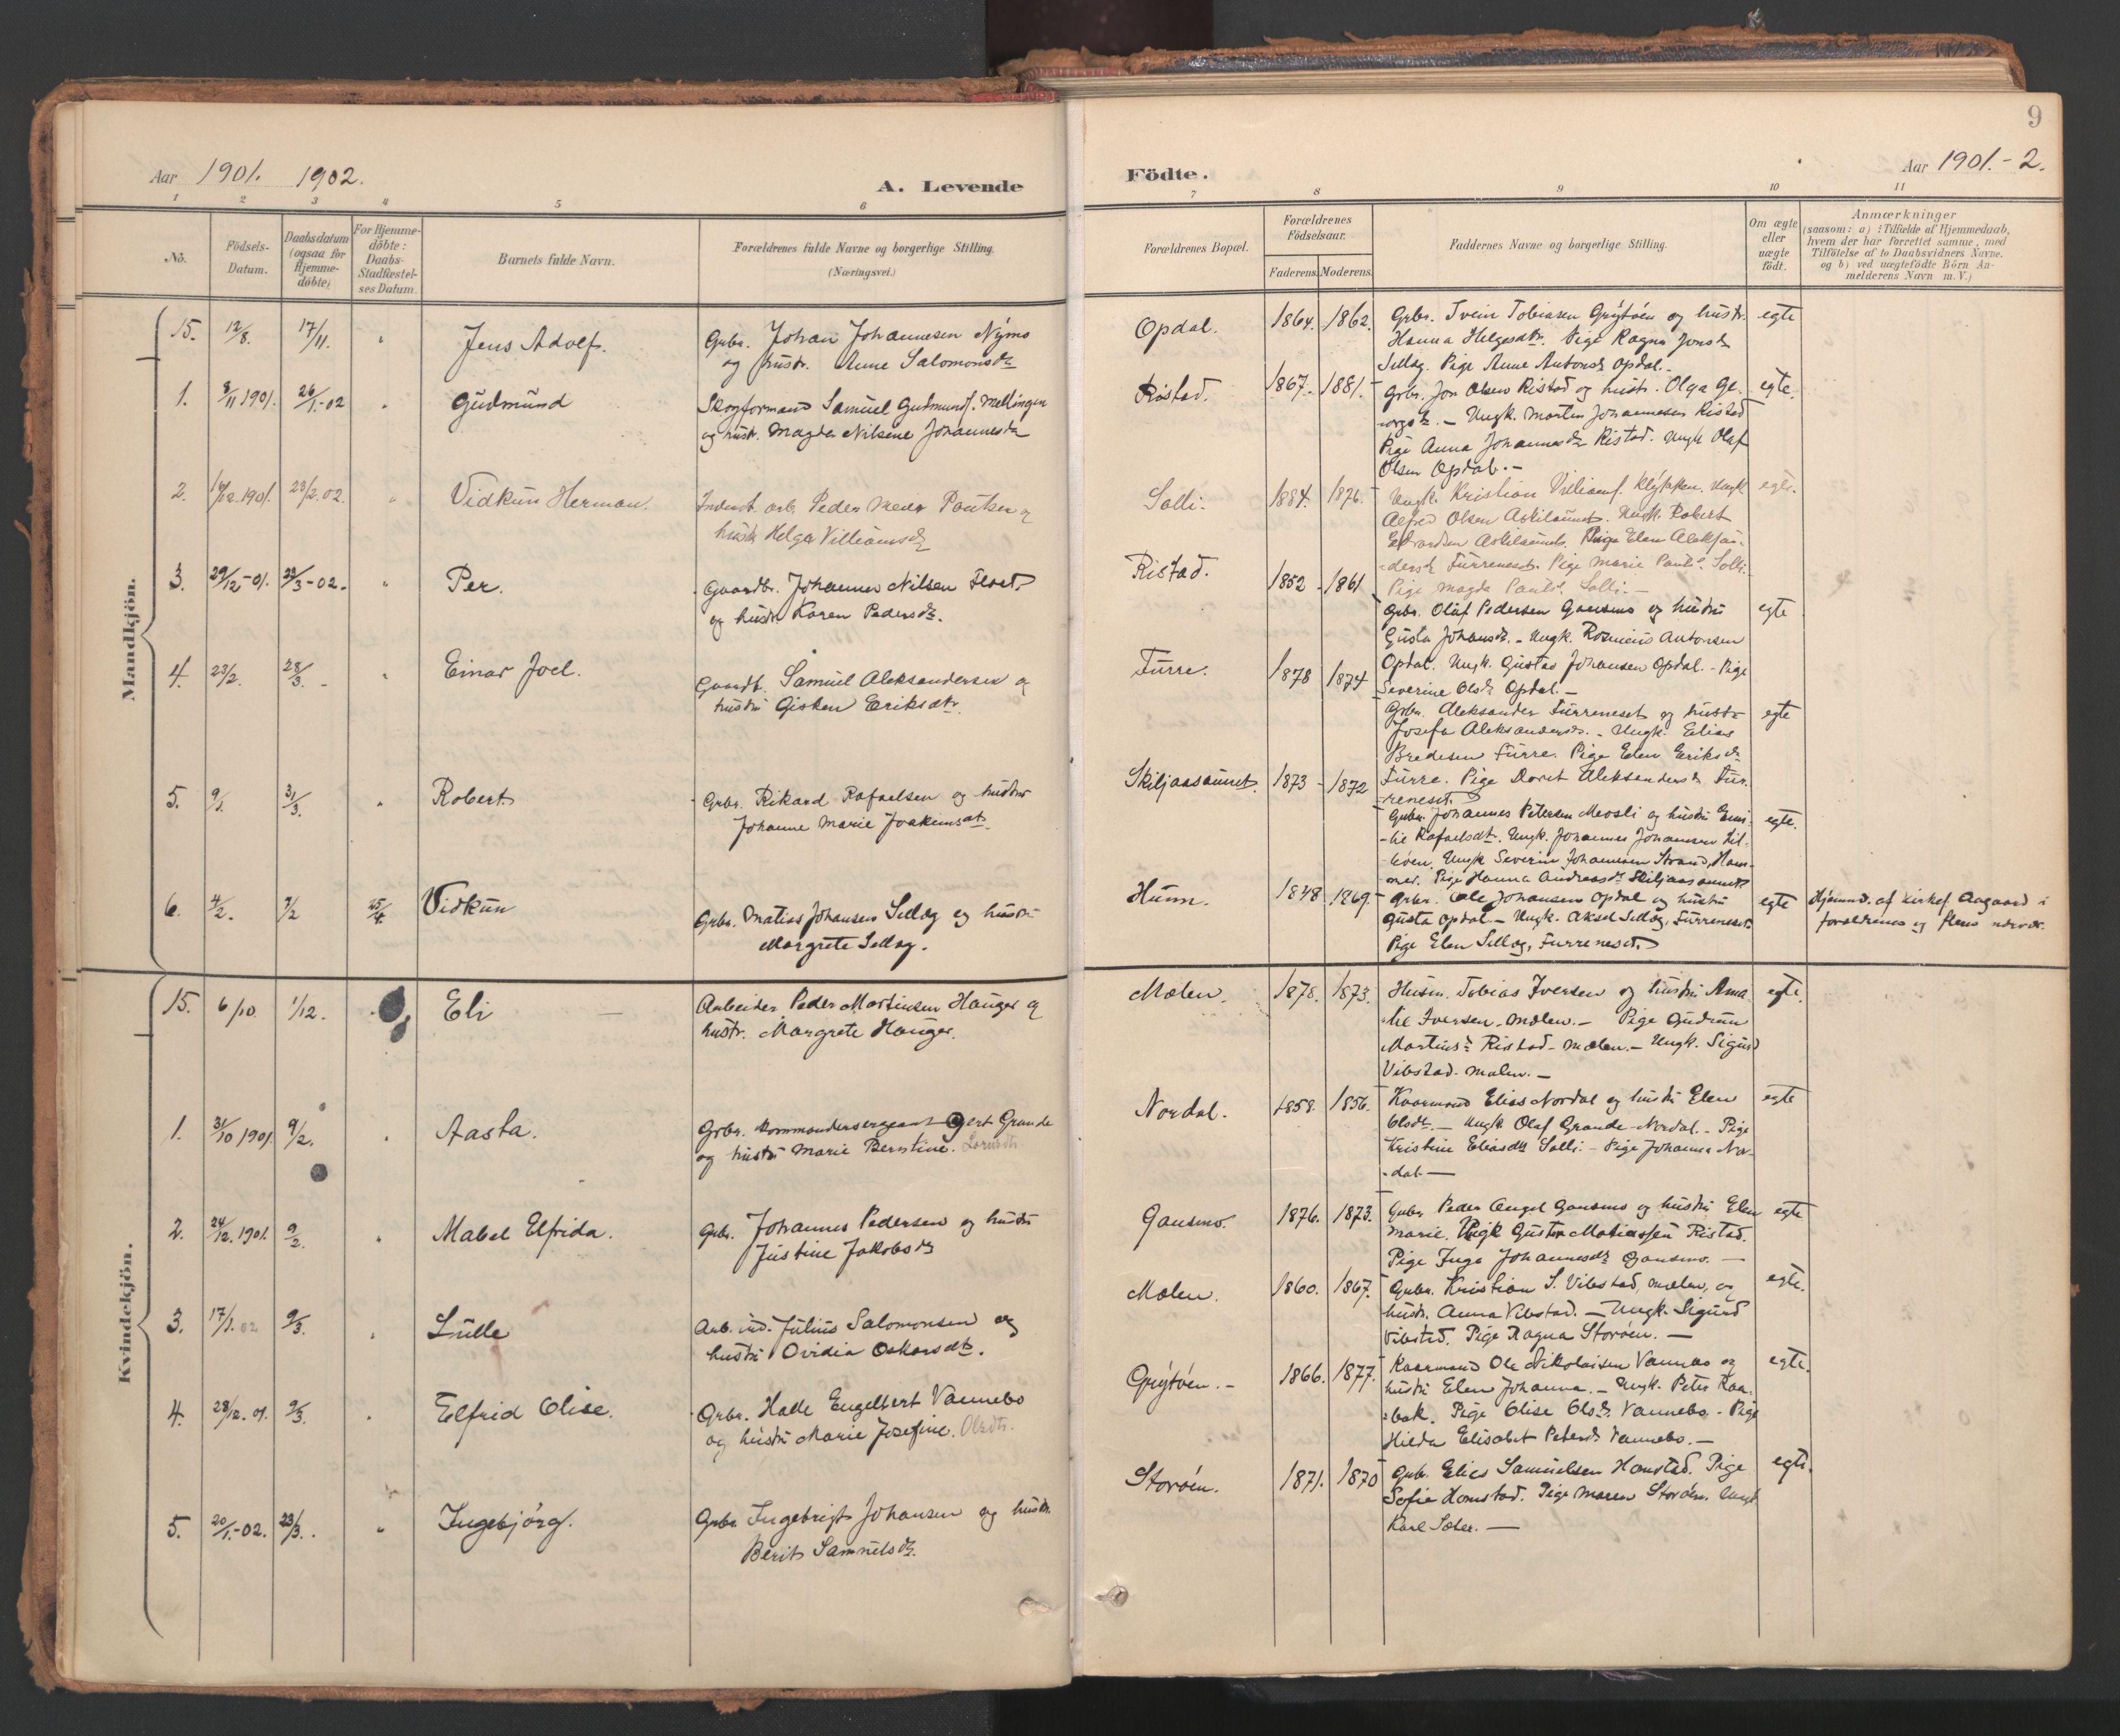 SAT, Ministerialprotokoller, klokkerbøker og fødselsregistre - Nord-Trøndelag, 766/L0564: Ministerialbok nr. 767A02, 1900-1932, s. 9